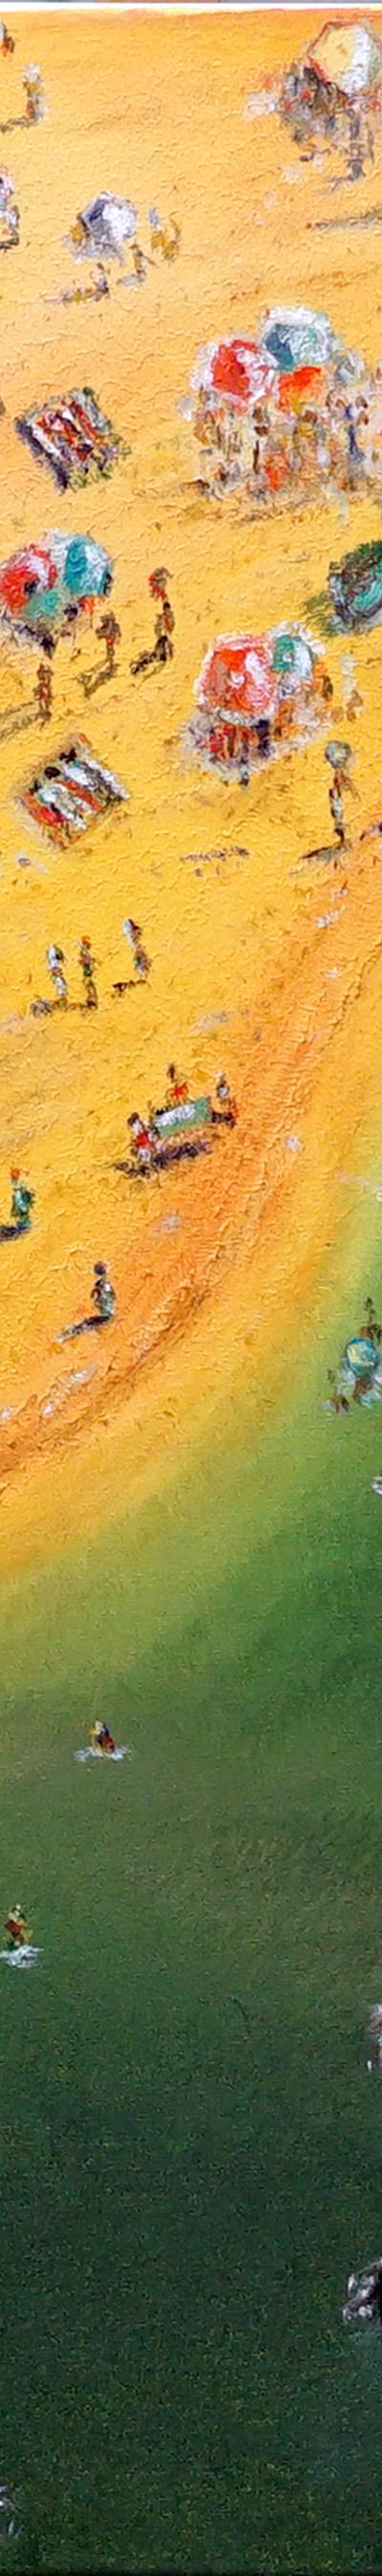 beach vacation 100x100 cm, oil on canvas